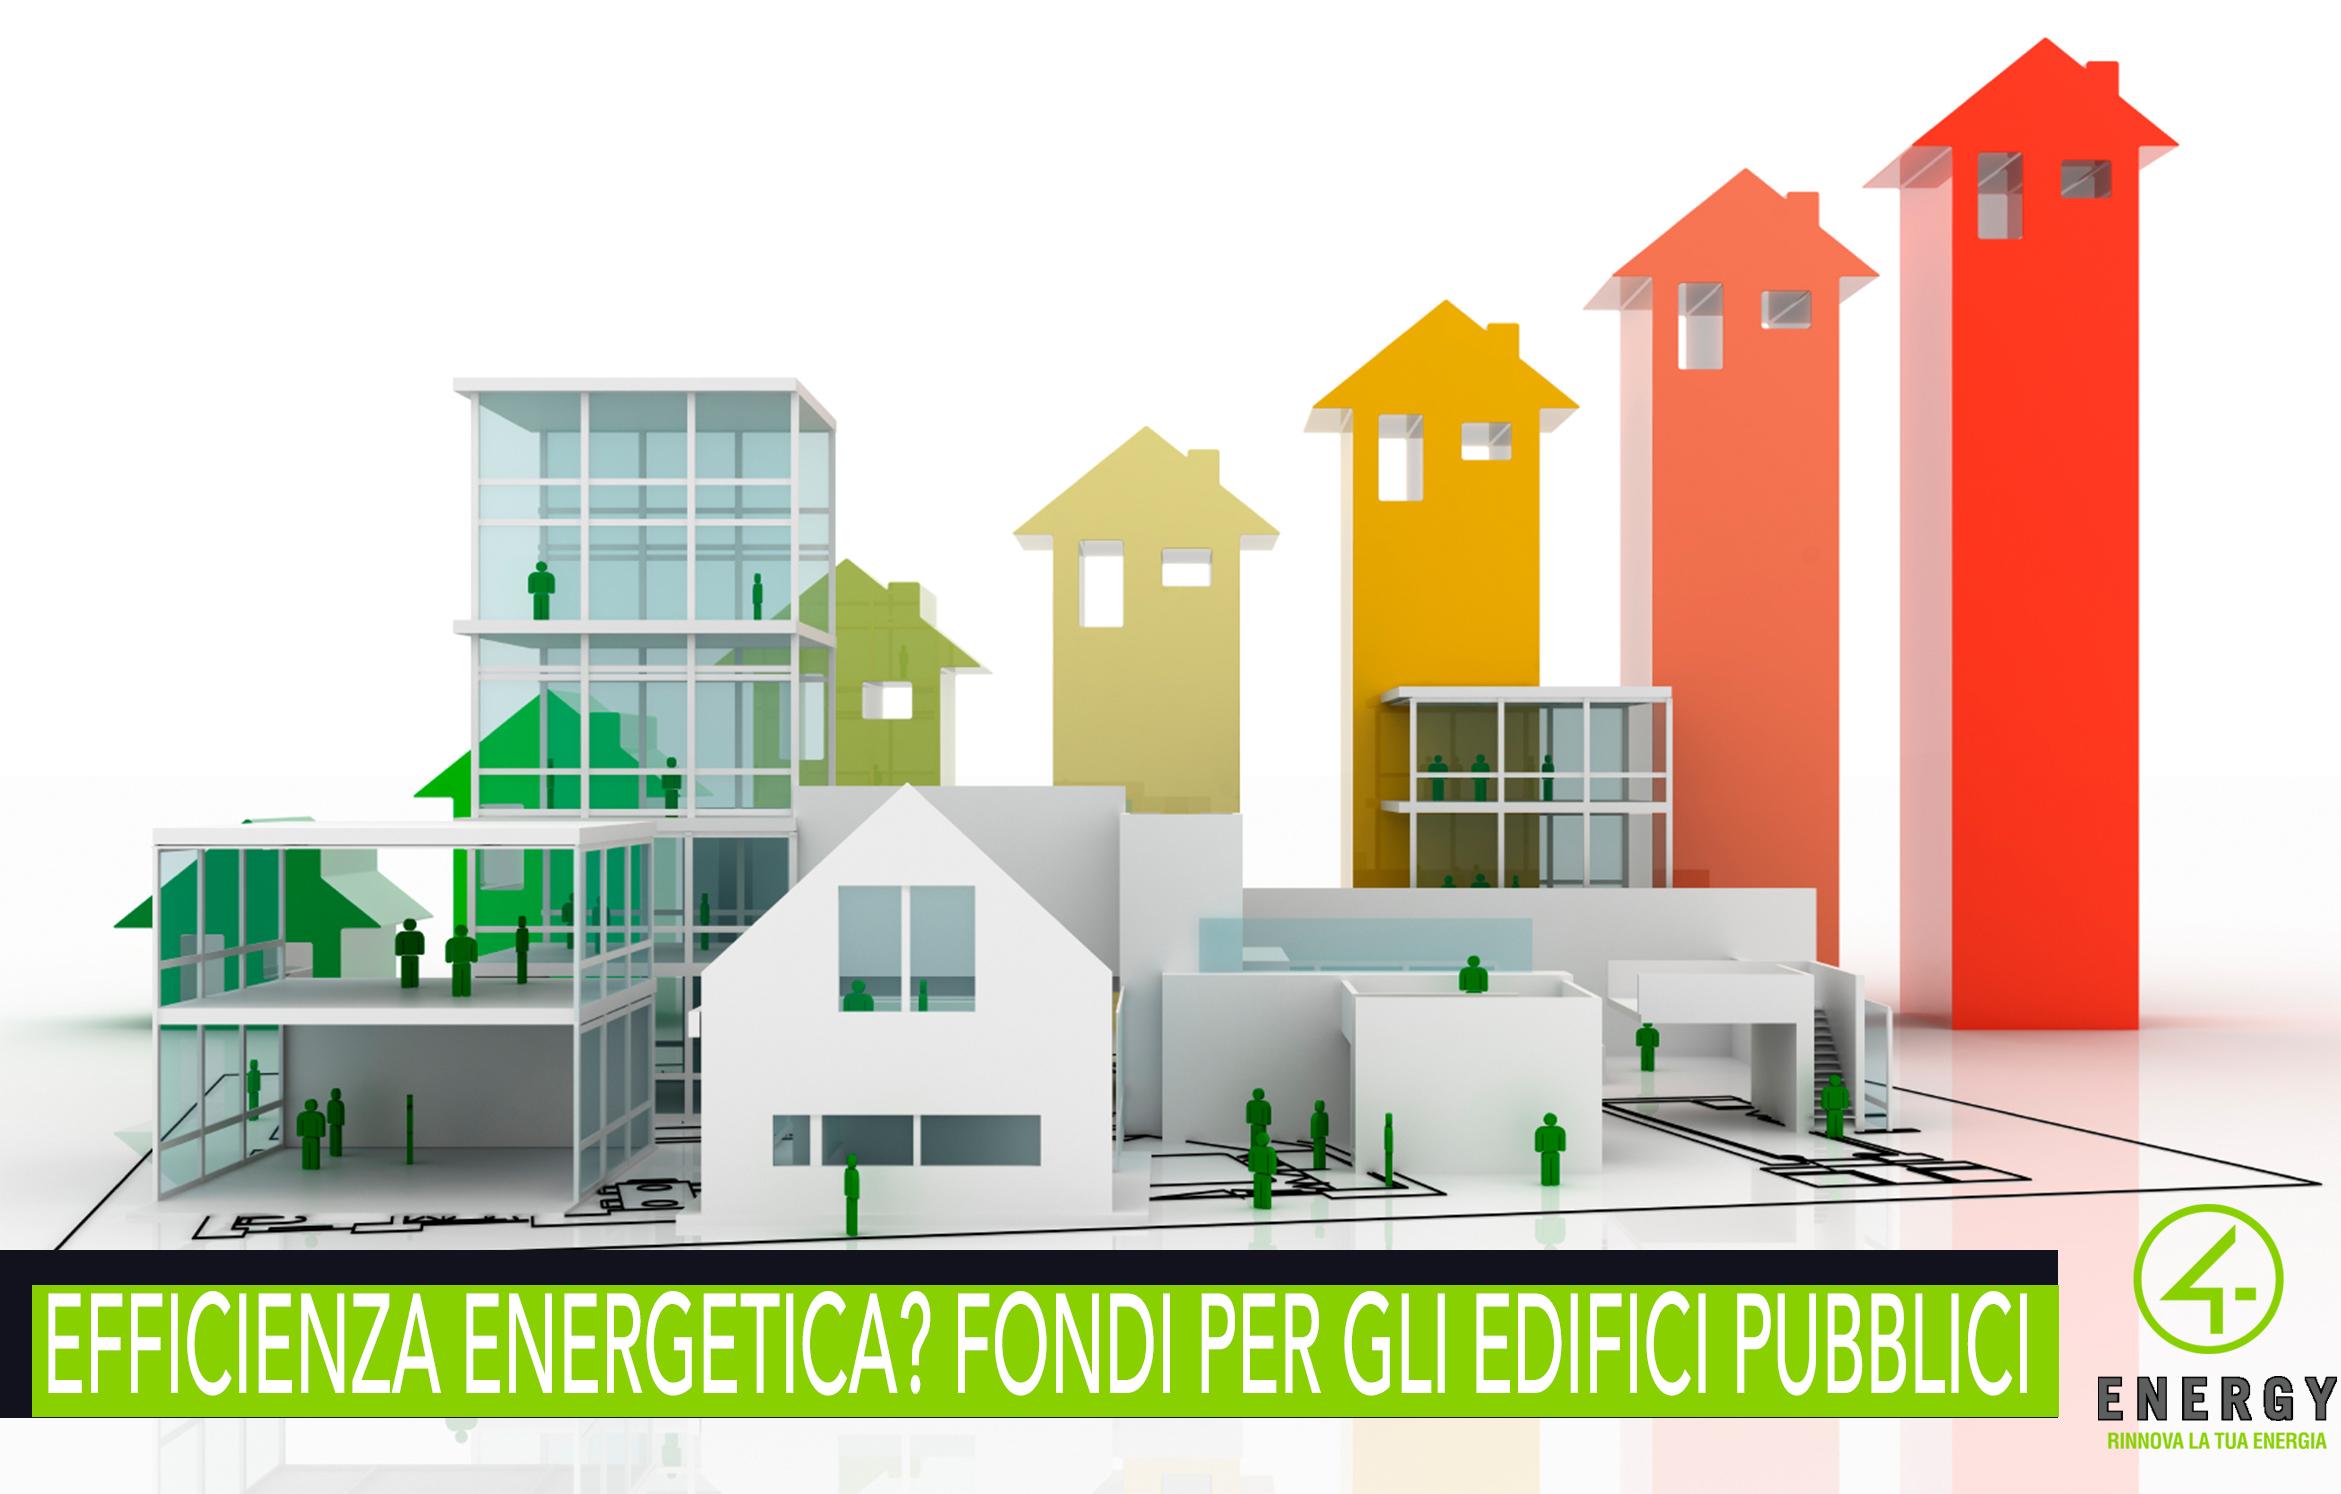 bando regione marche efficienza energetica edifici pubblici